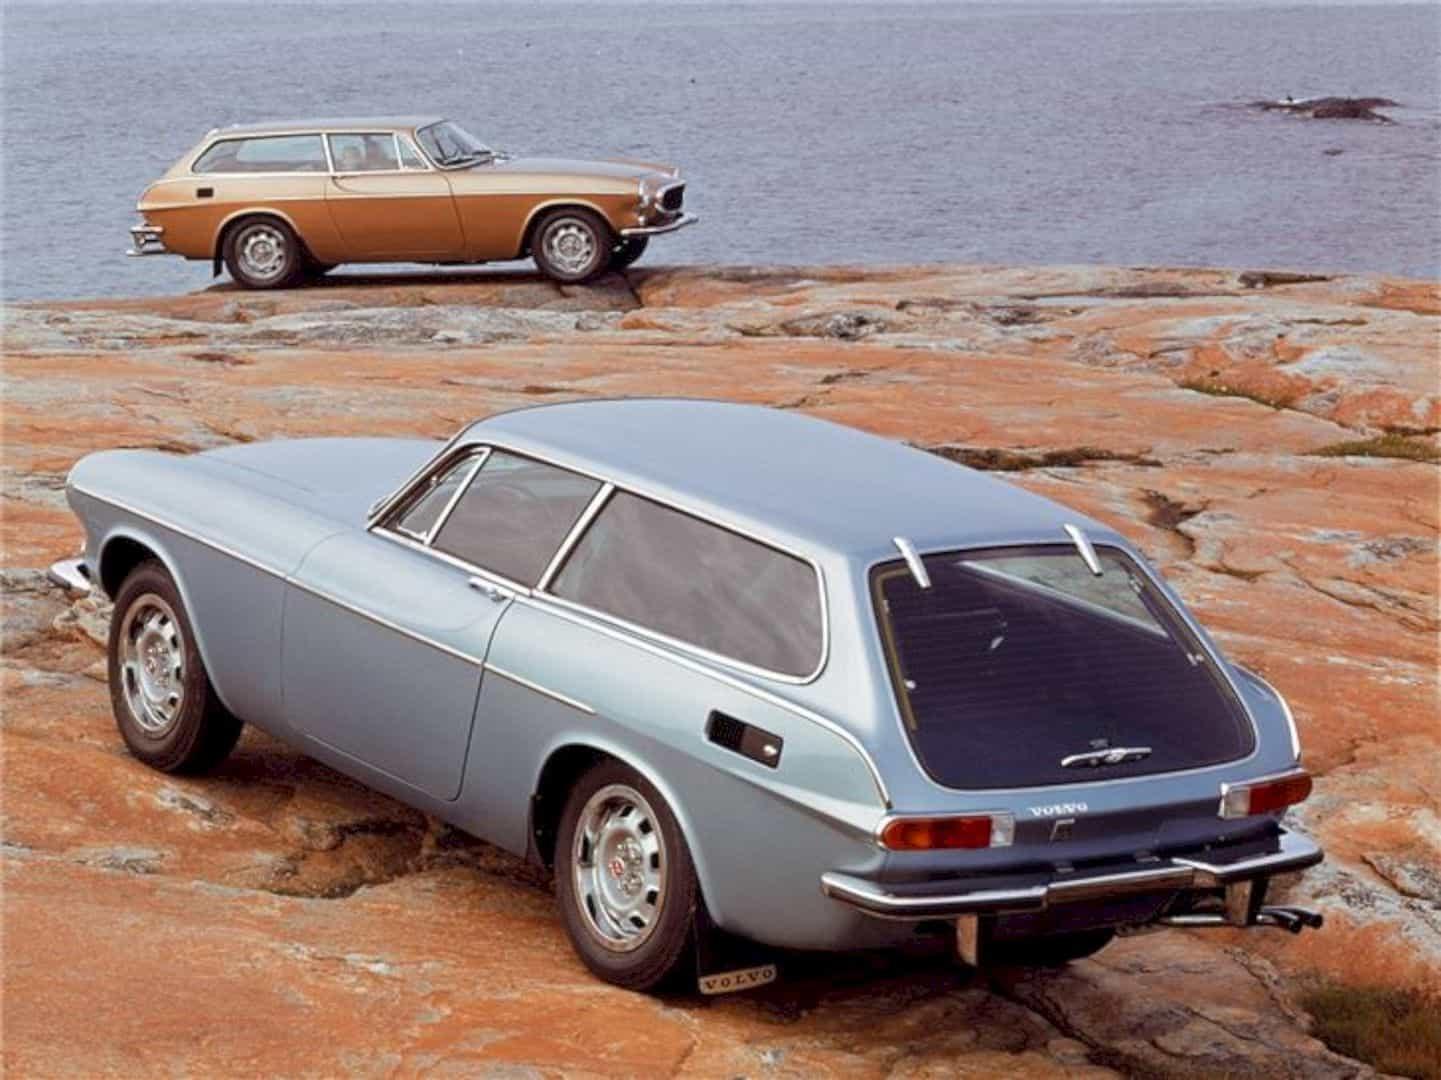 The Volvo 1800es 5